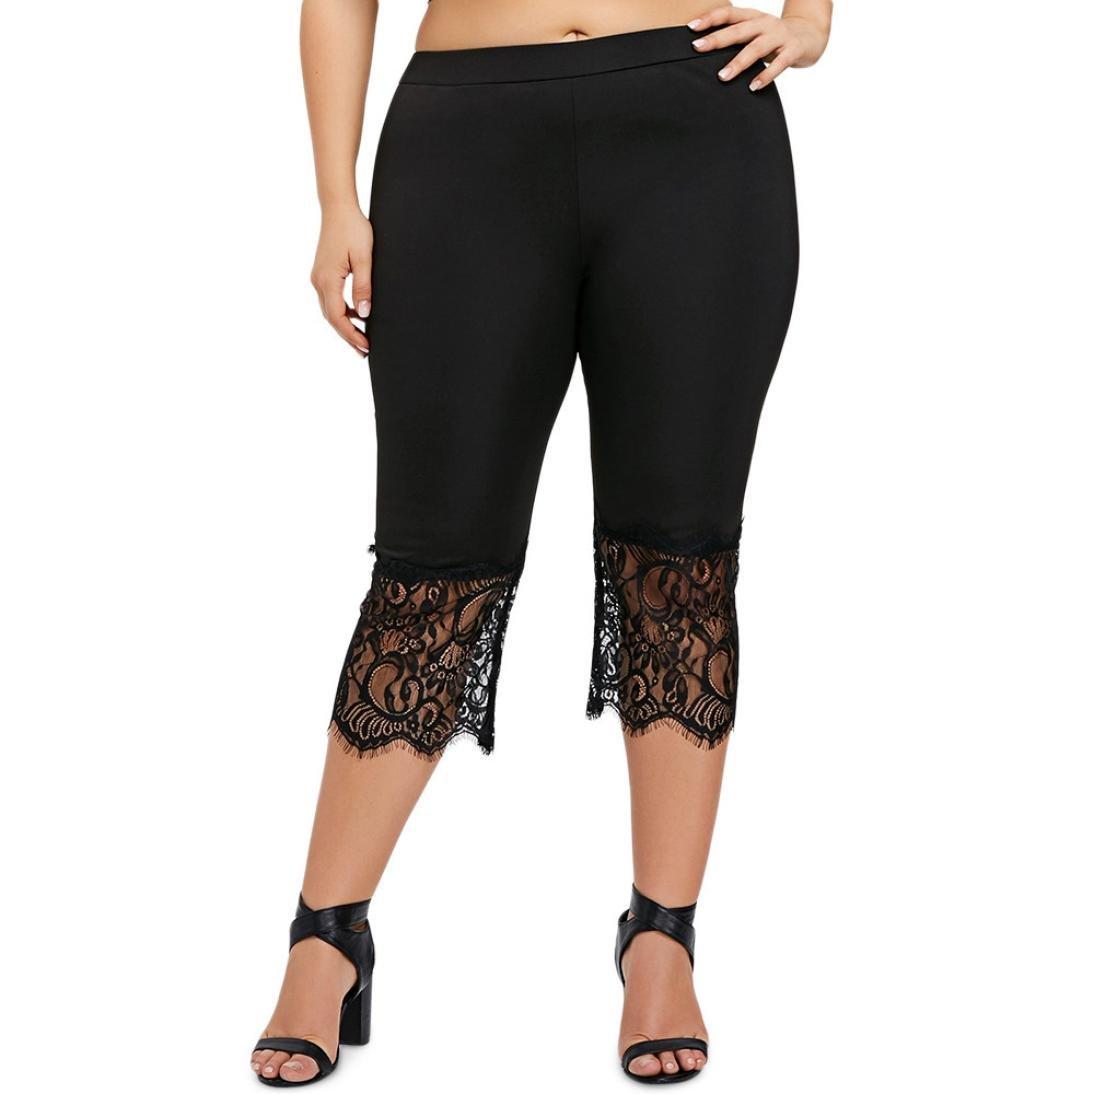 Plus Size Women Pants, Neartime Hot Sale Casual Lace Calf-Length Pants Loose Solid Color Sweatpants Yoga Wide Leg Pants (5XL, Black)